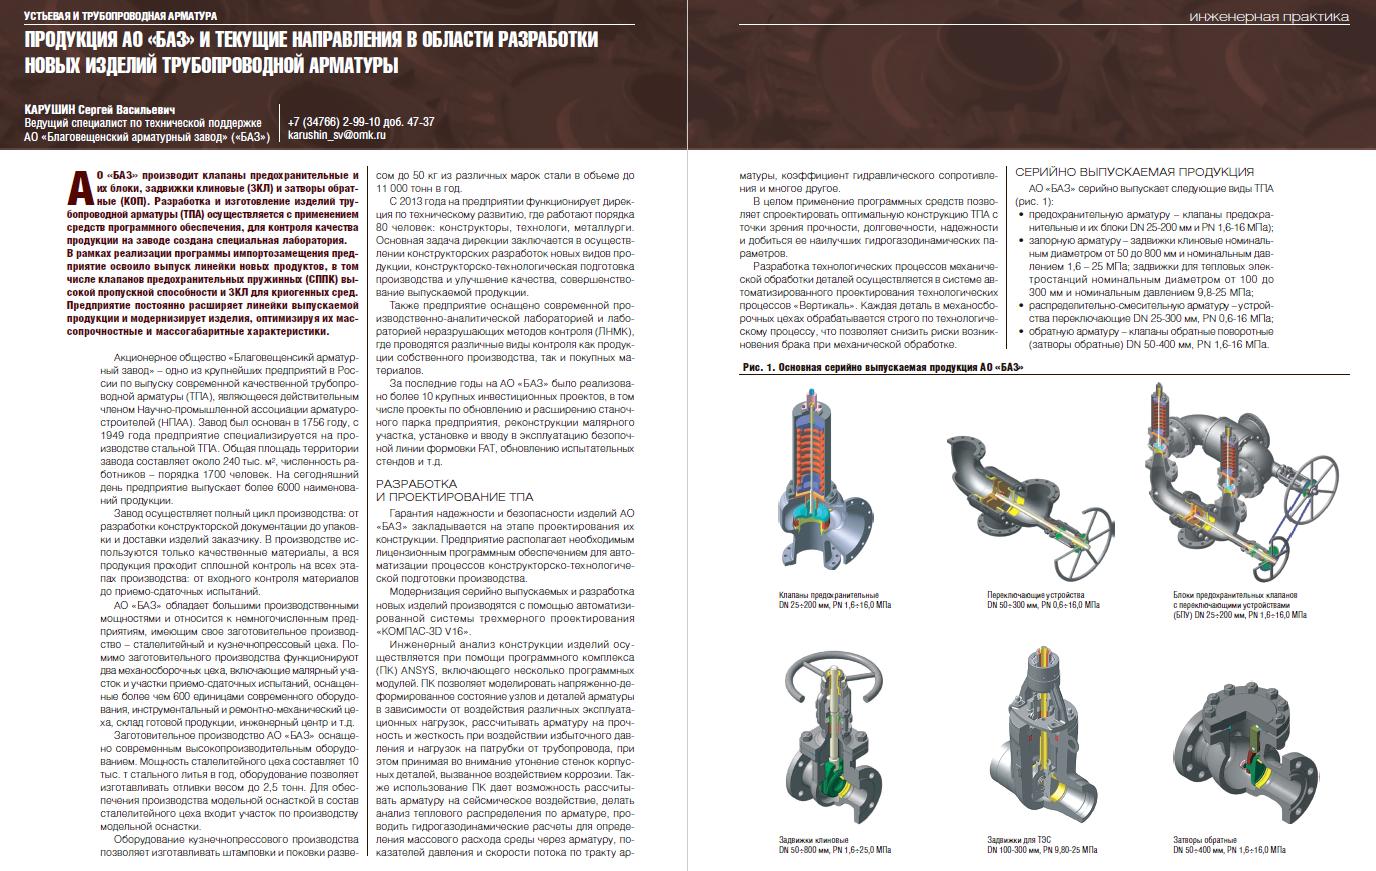 23043 Продукция и направления разработки новых изделий АО «БАЗ» трубопроводной арматуры